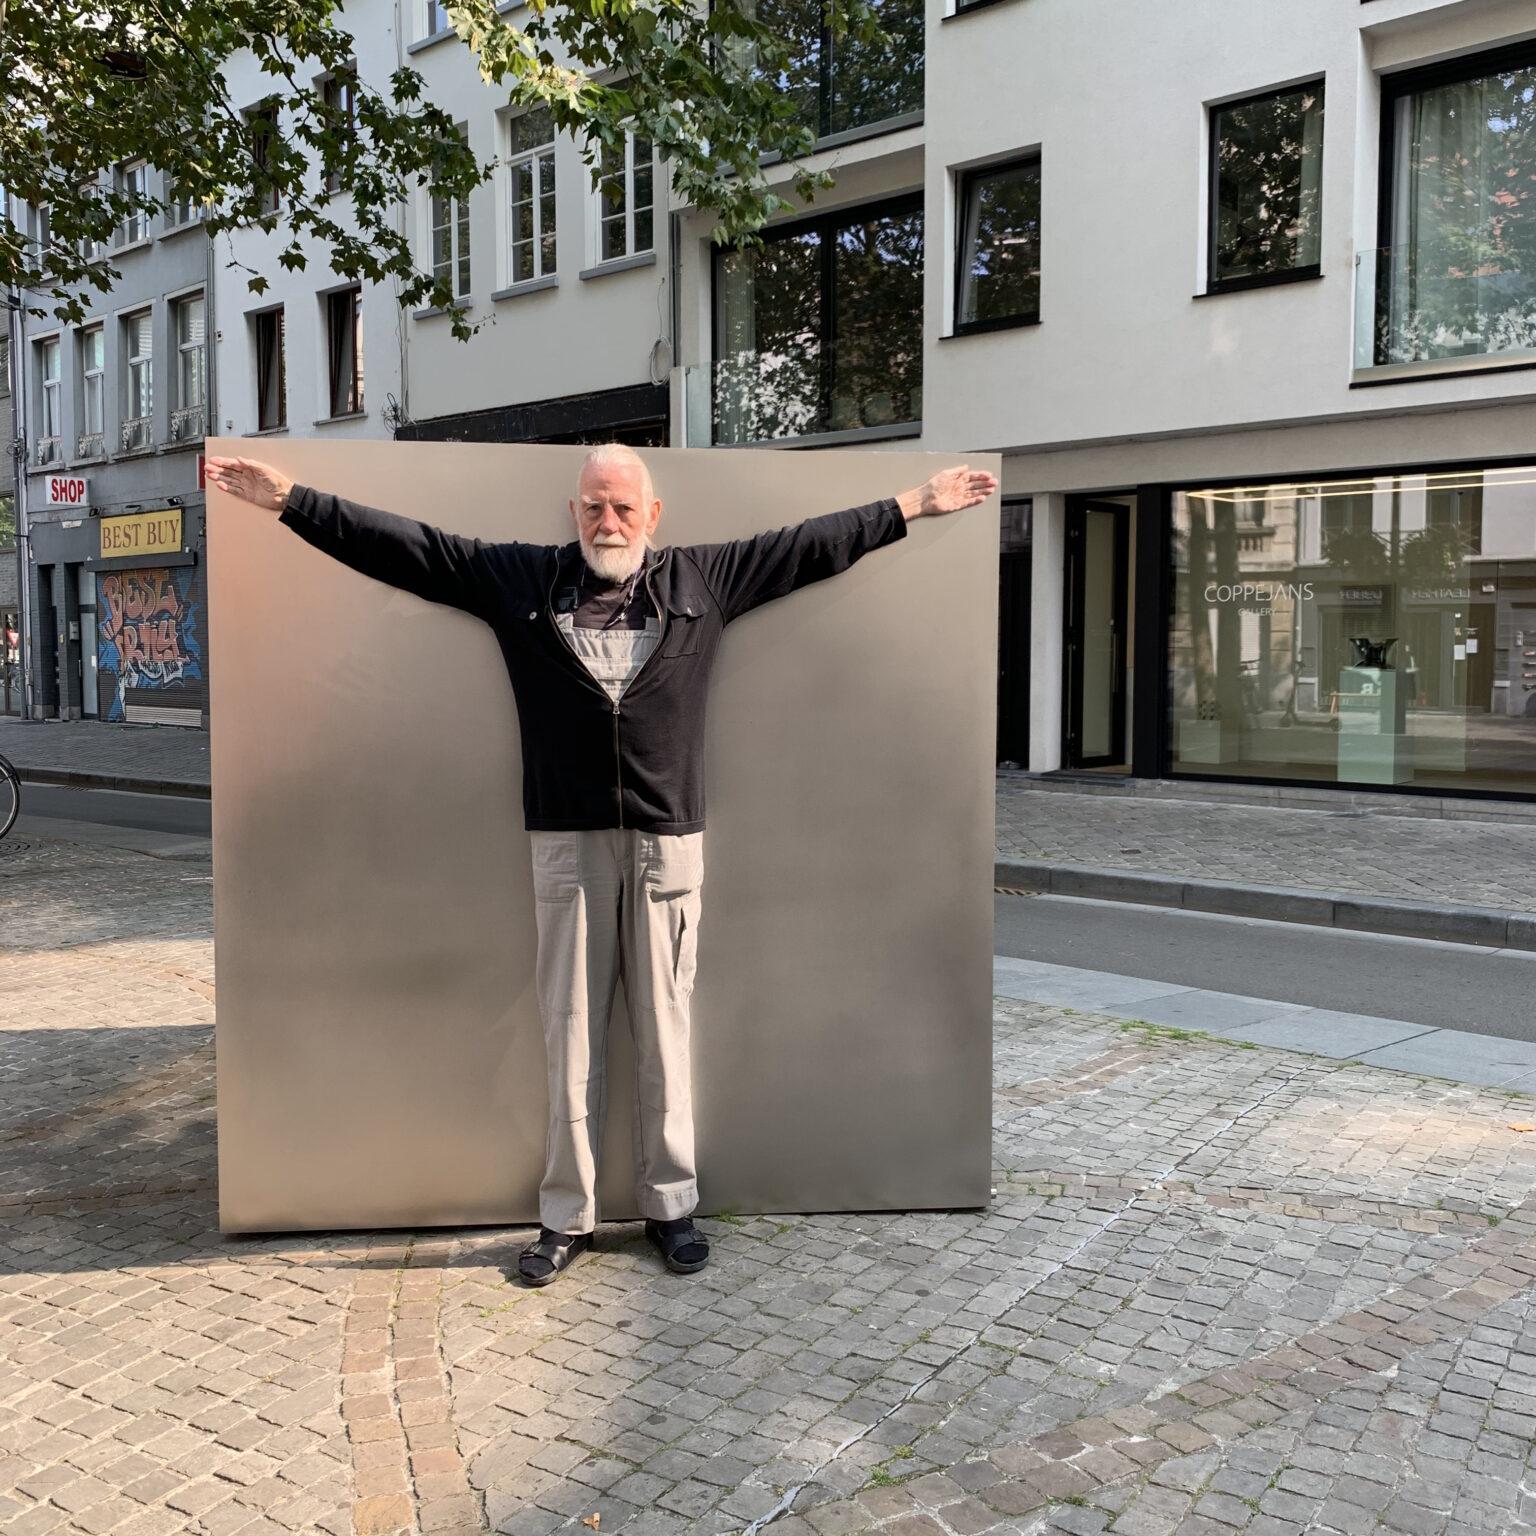 Ewerdt Hilgemann in front of Cube(Self)